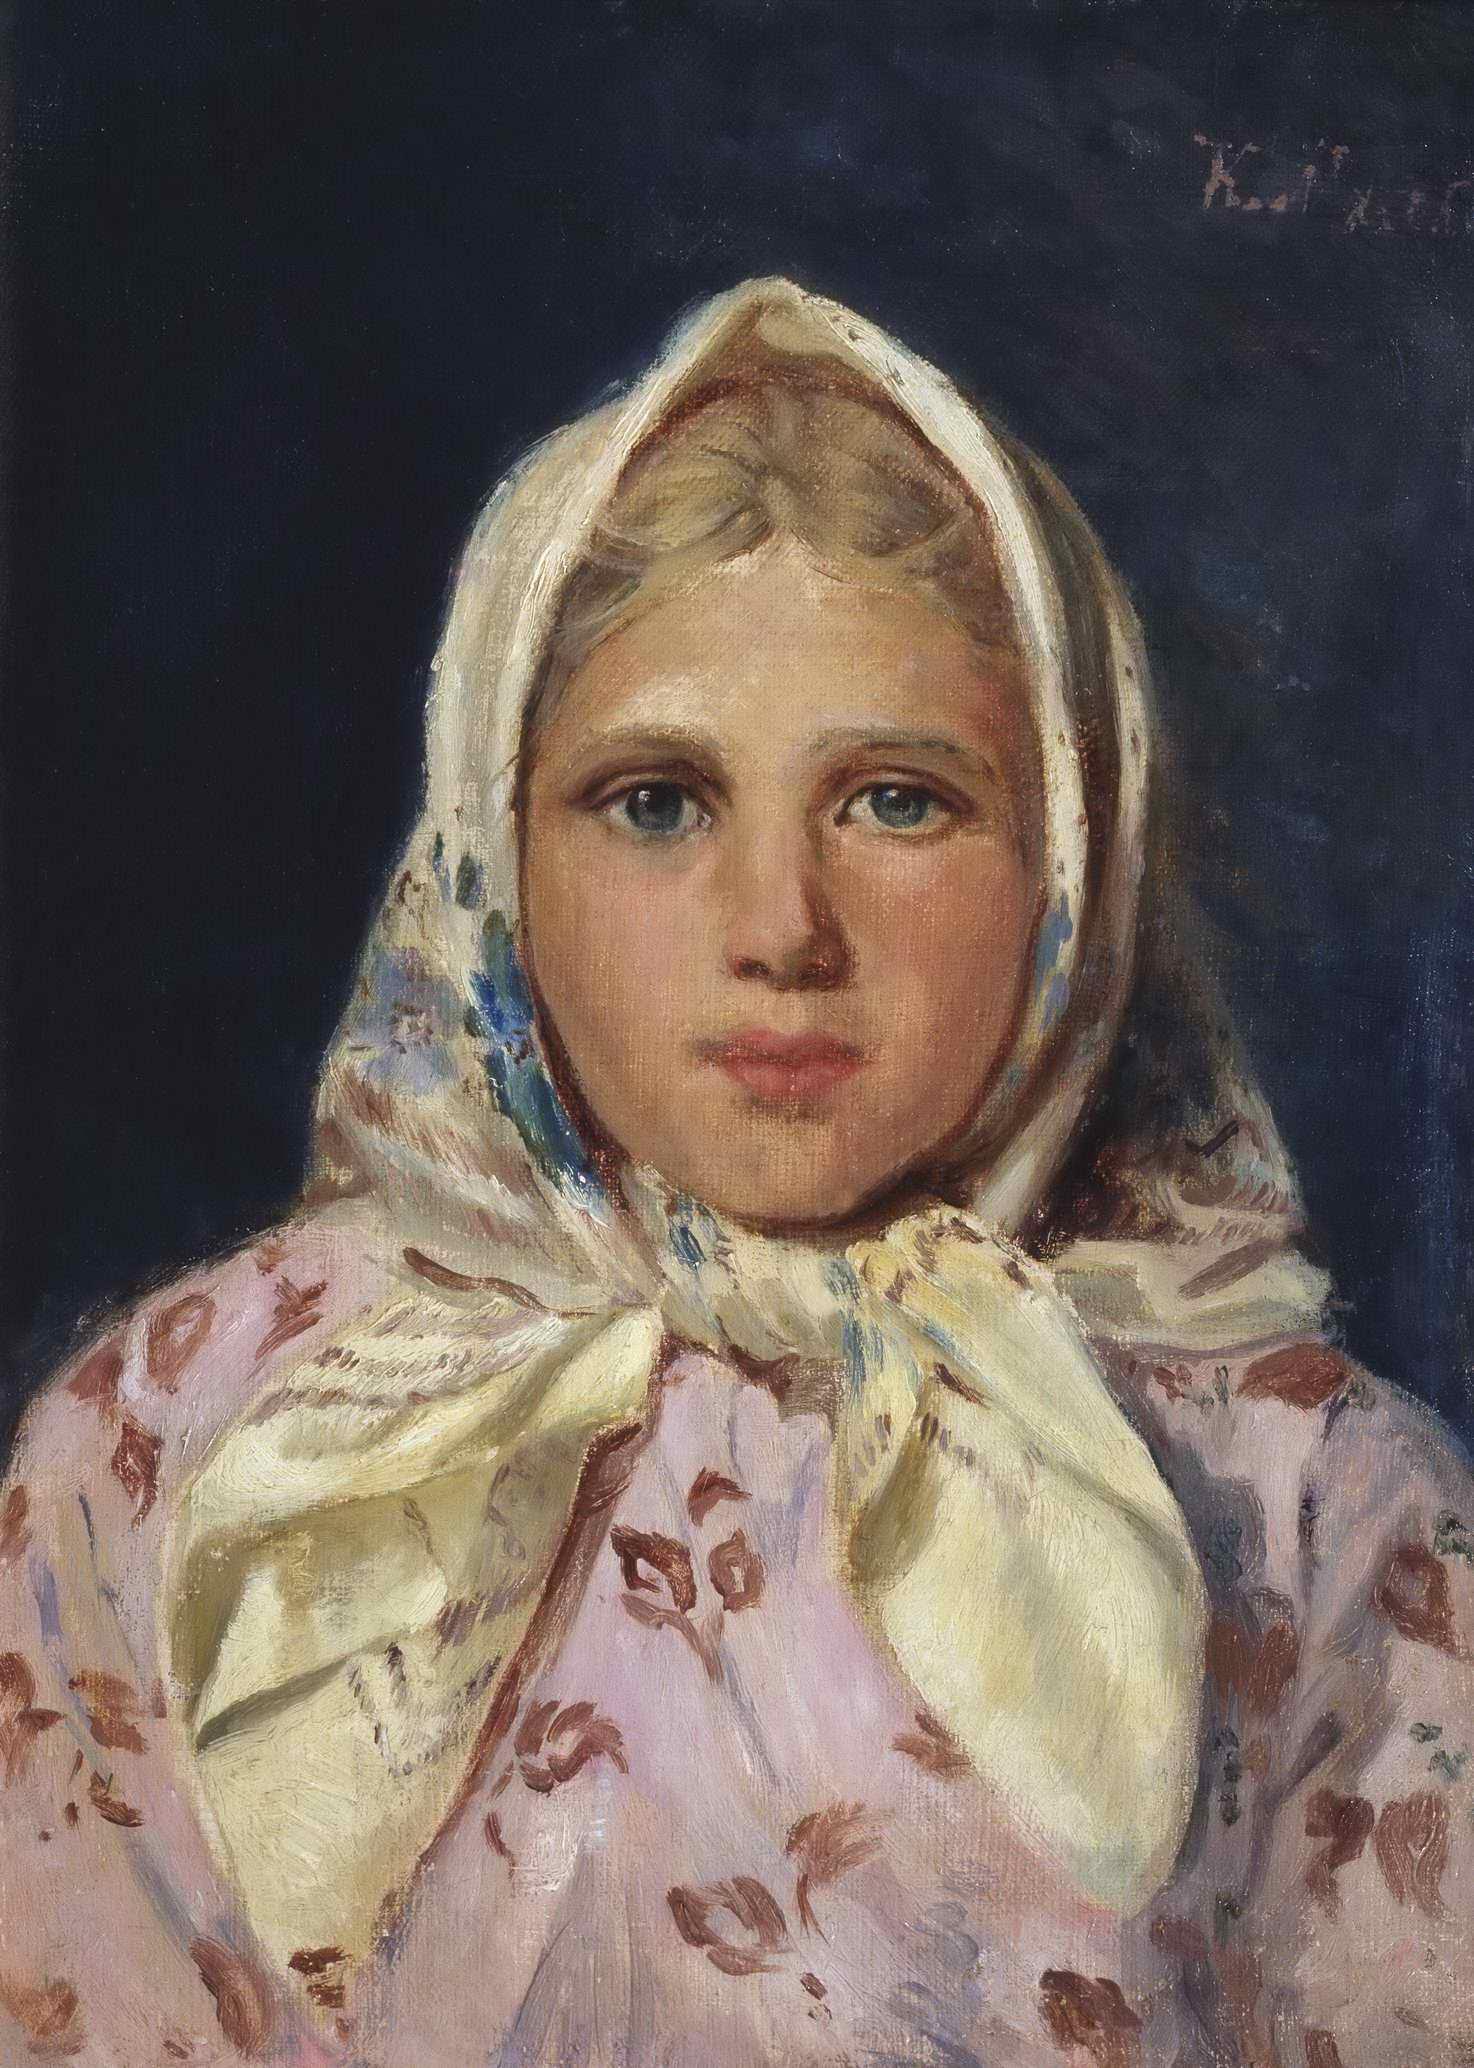 Маковский К.Е. - Портрет девочки